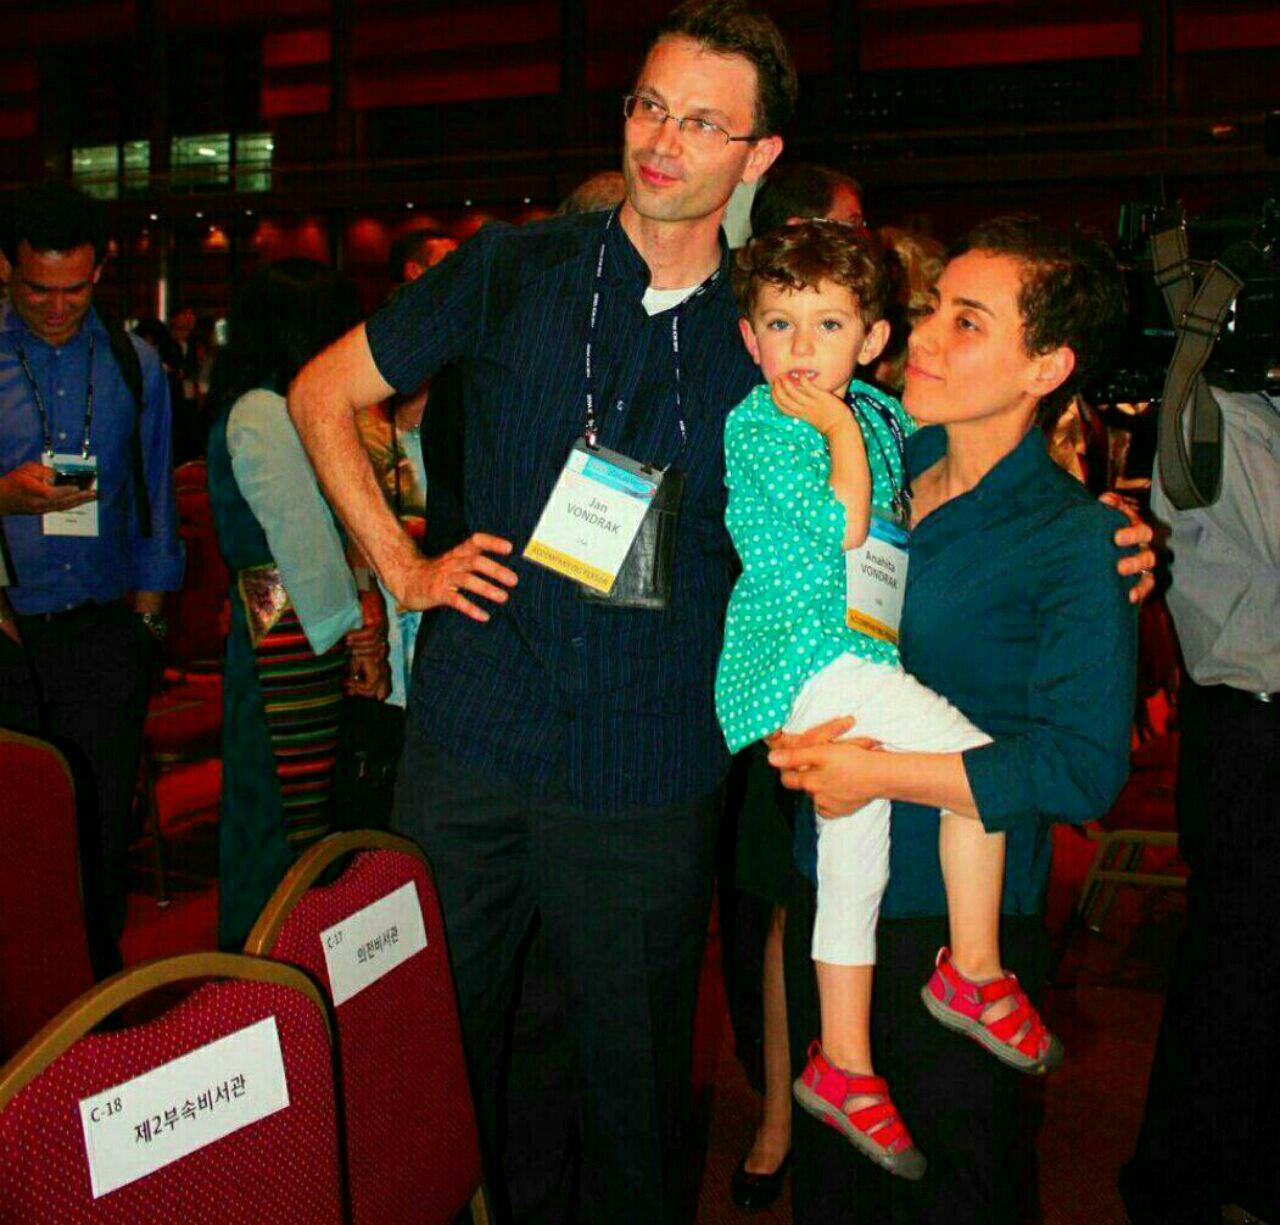 مریم میرزاخانی در کنار همسر و فرزندش (+عکس)